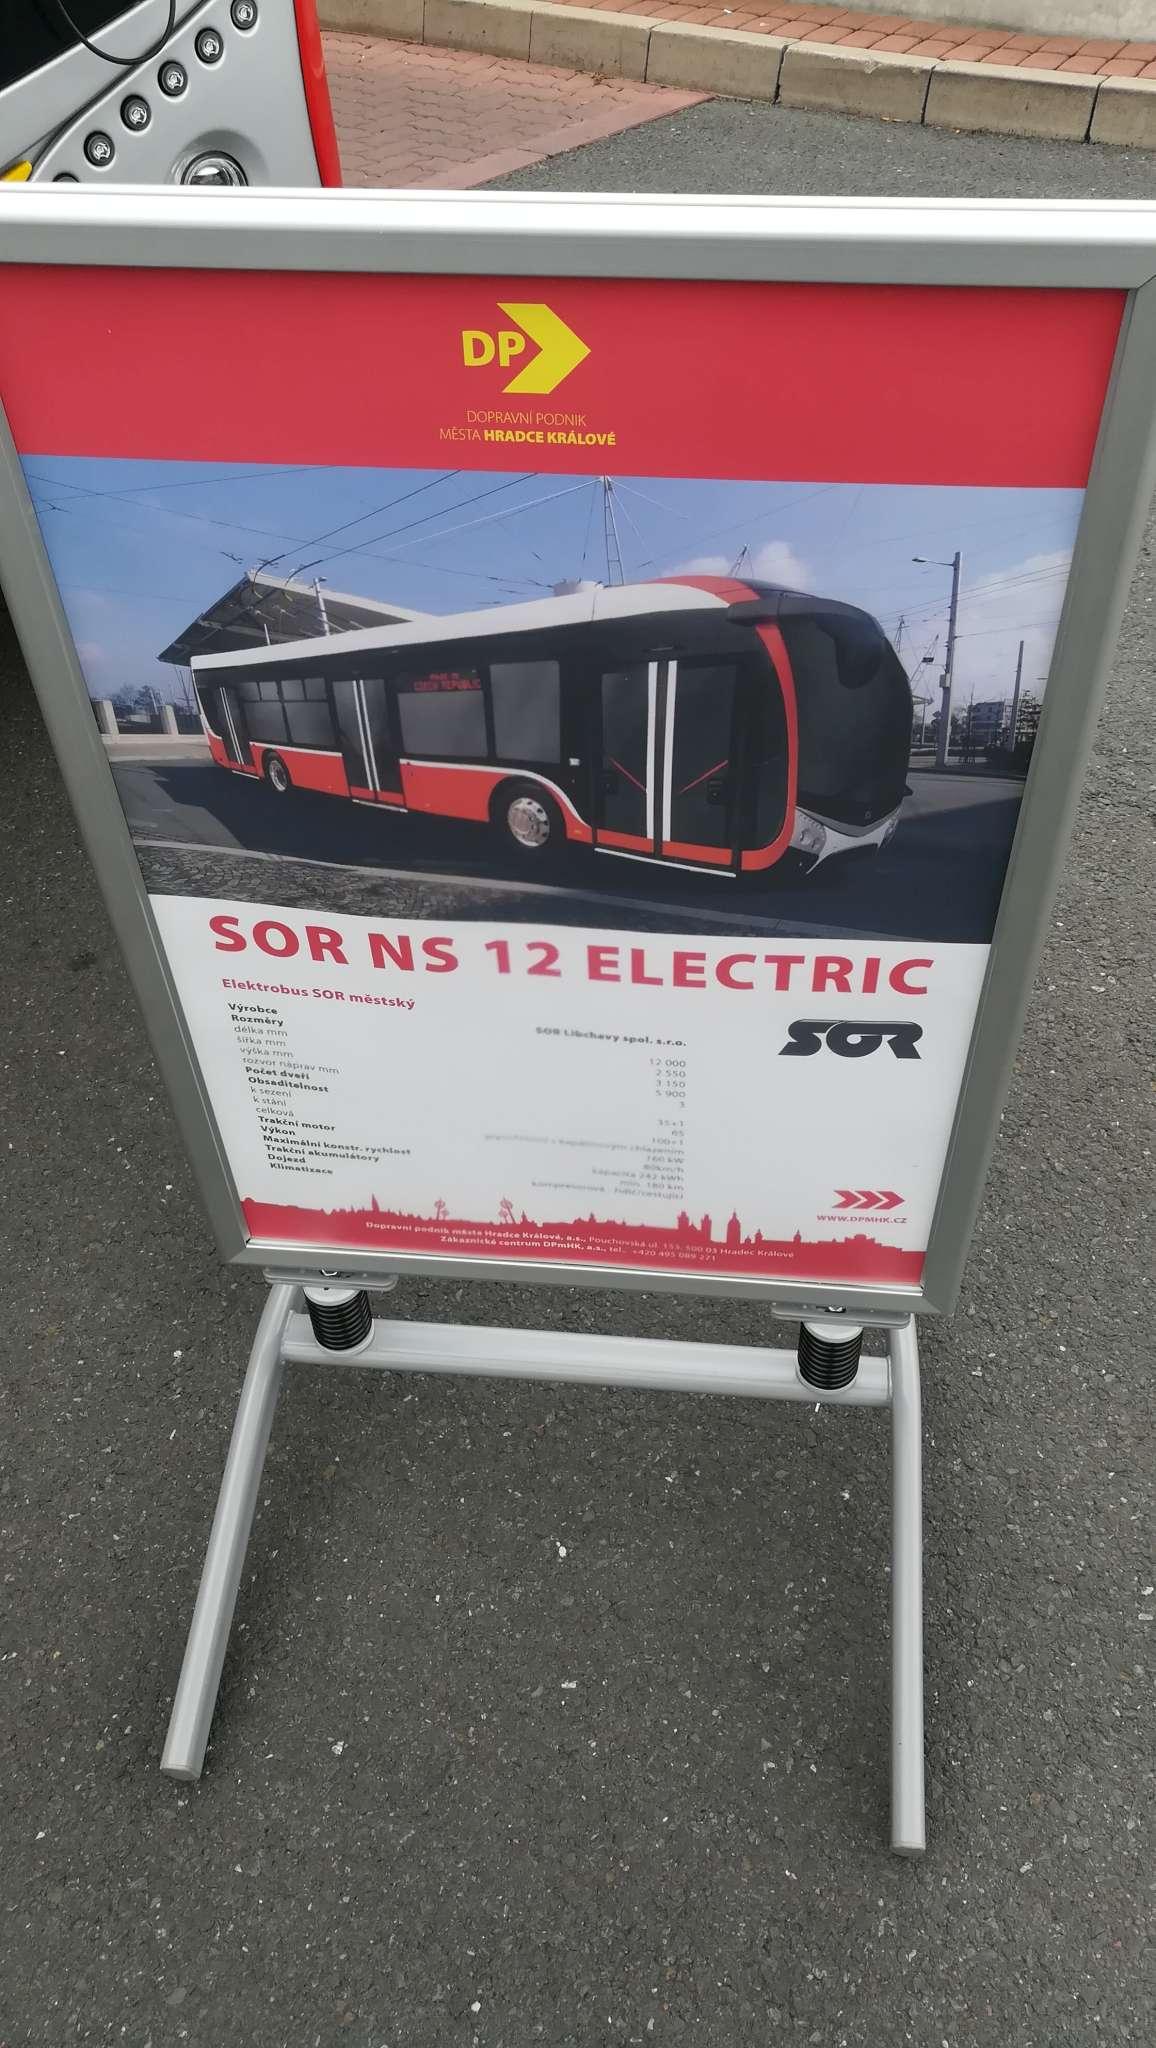 nove-vozy-dpmhk-hradec-kralove-elektrobus-sor-urbanway-iveco-4